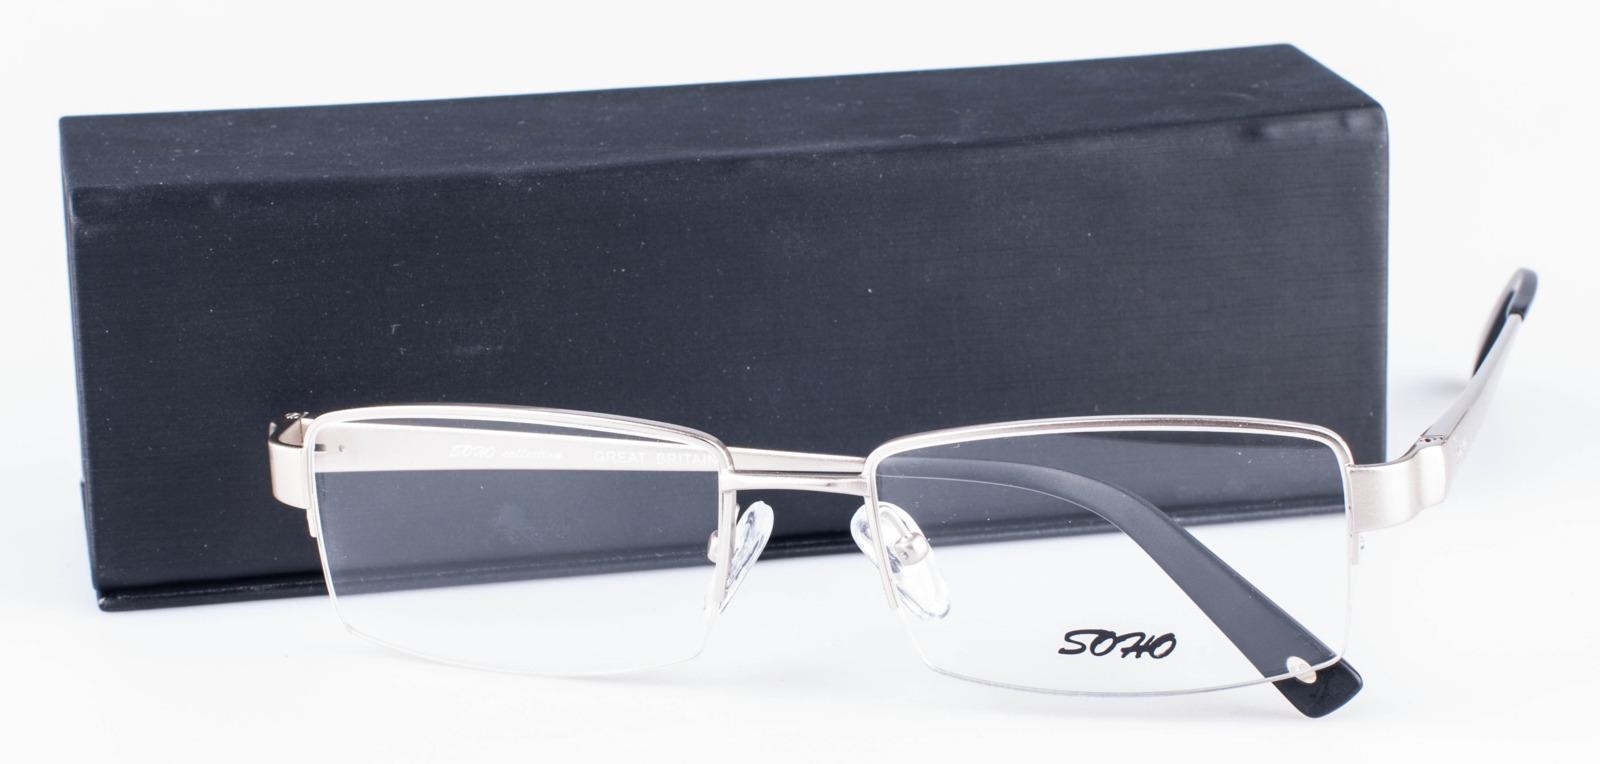 Оправа для очков мужская Soho, SCL1025 C01, серебристый оправа для очков dixon 2014 d9917